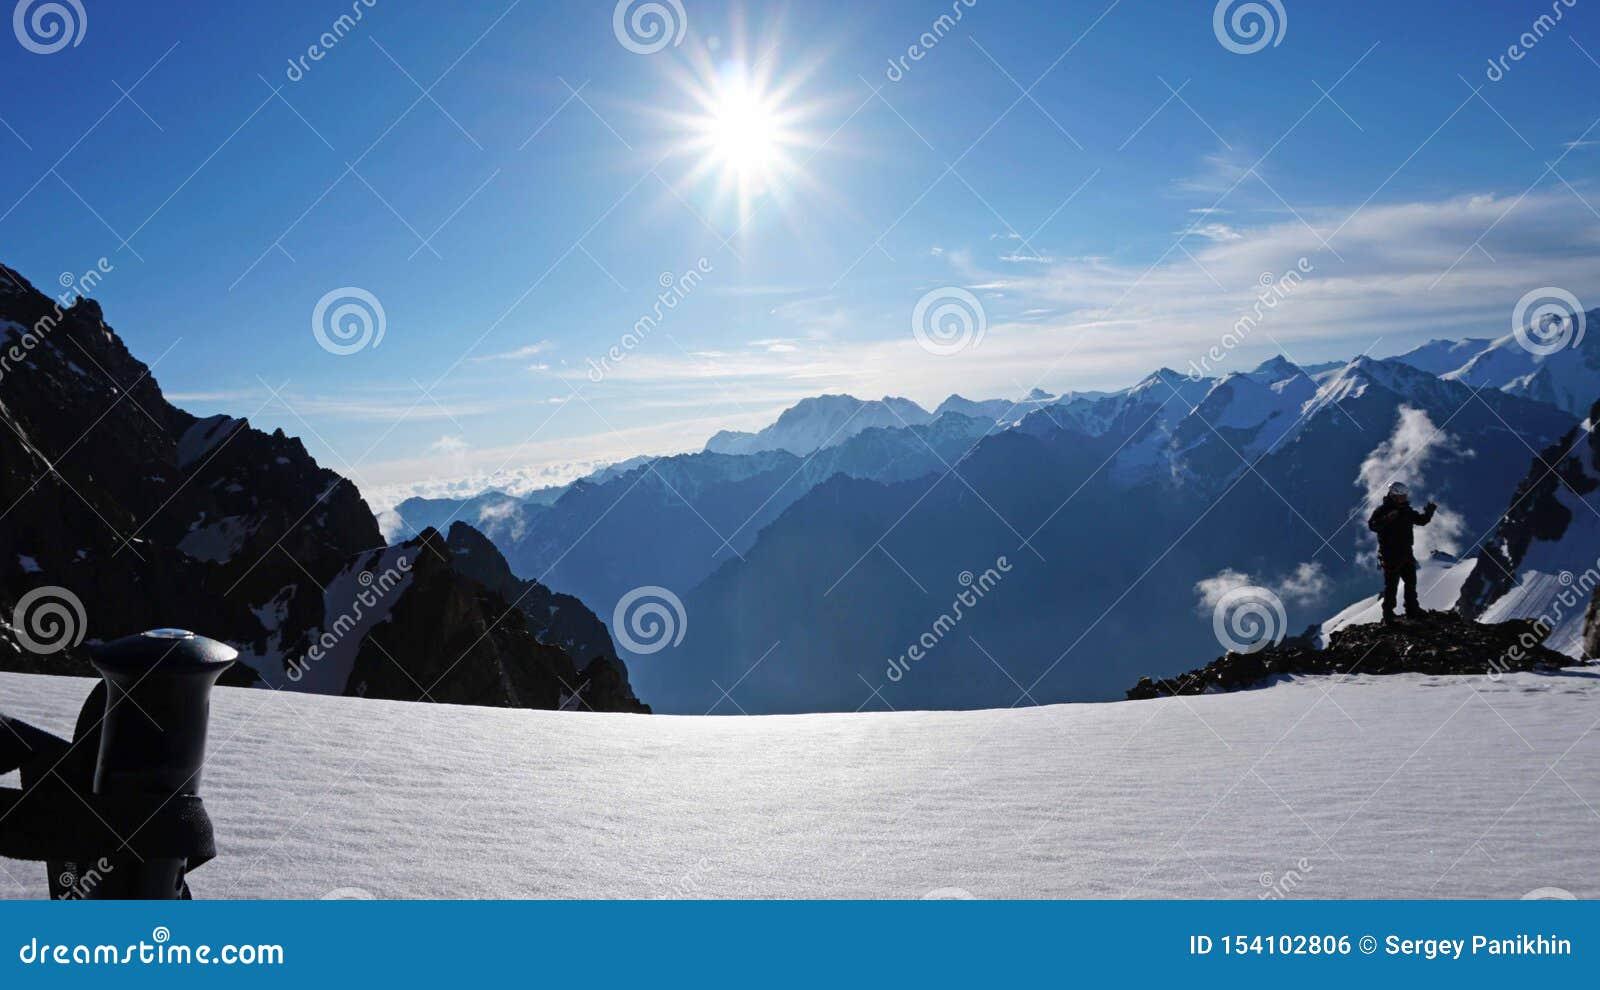 Πόλοι οδοιπορίας στο υπόβαθρο του ήλιου, των χιονωδών βουνών, του μπλε ουρανού και των σύννεφων